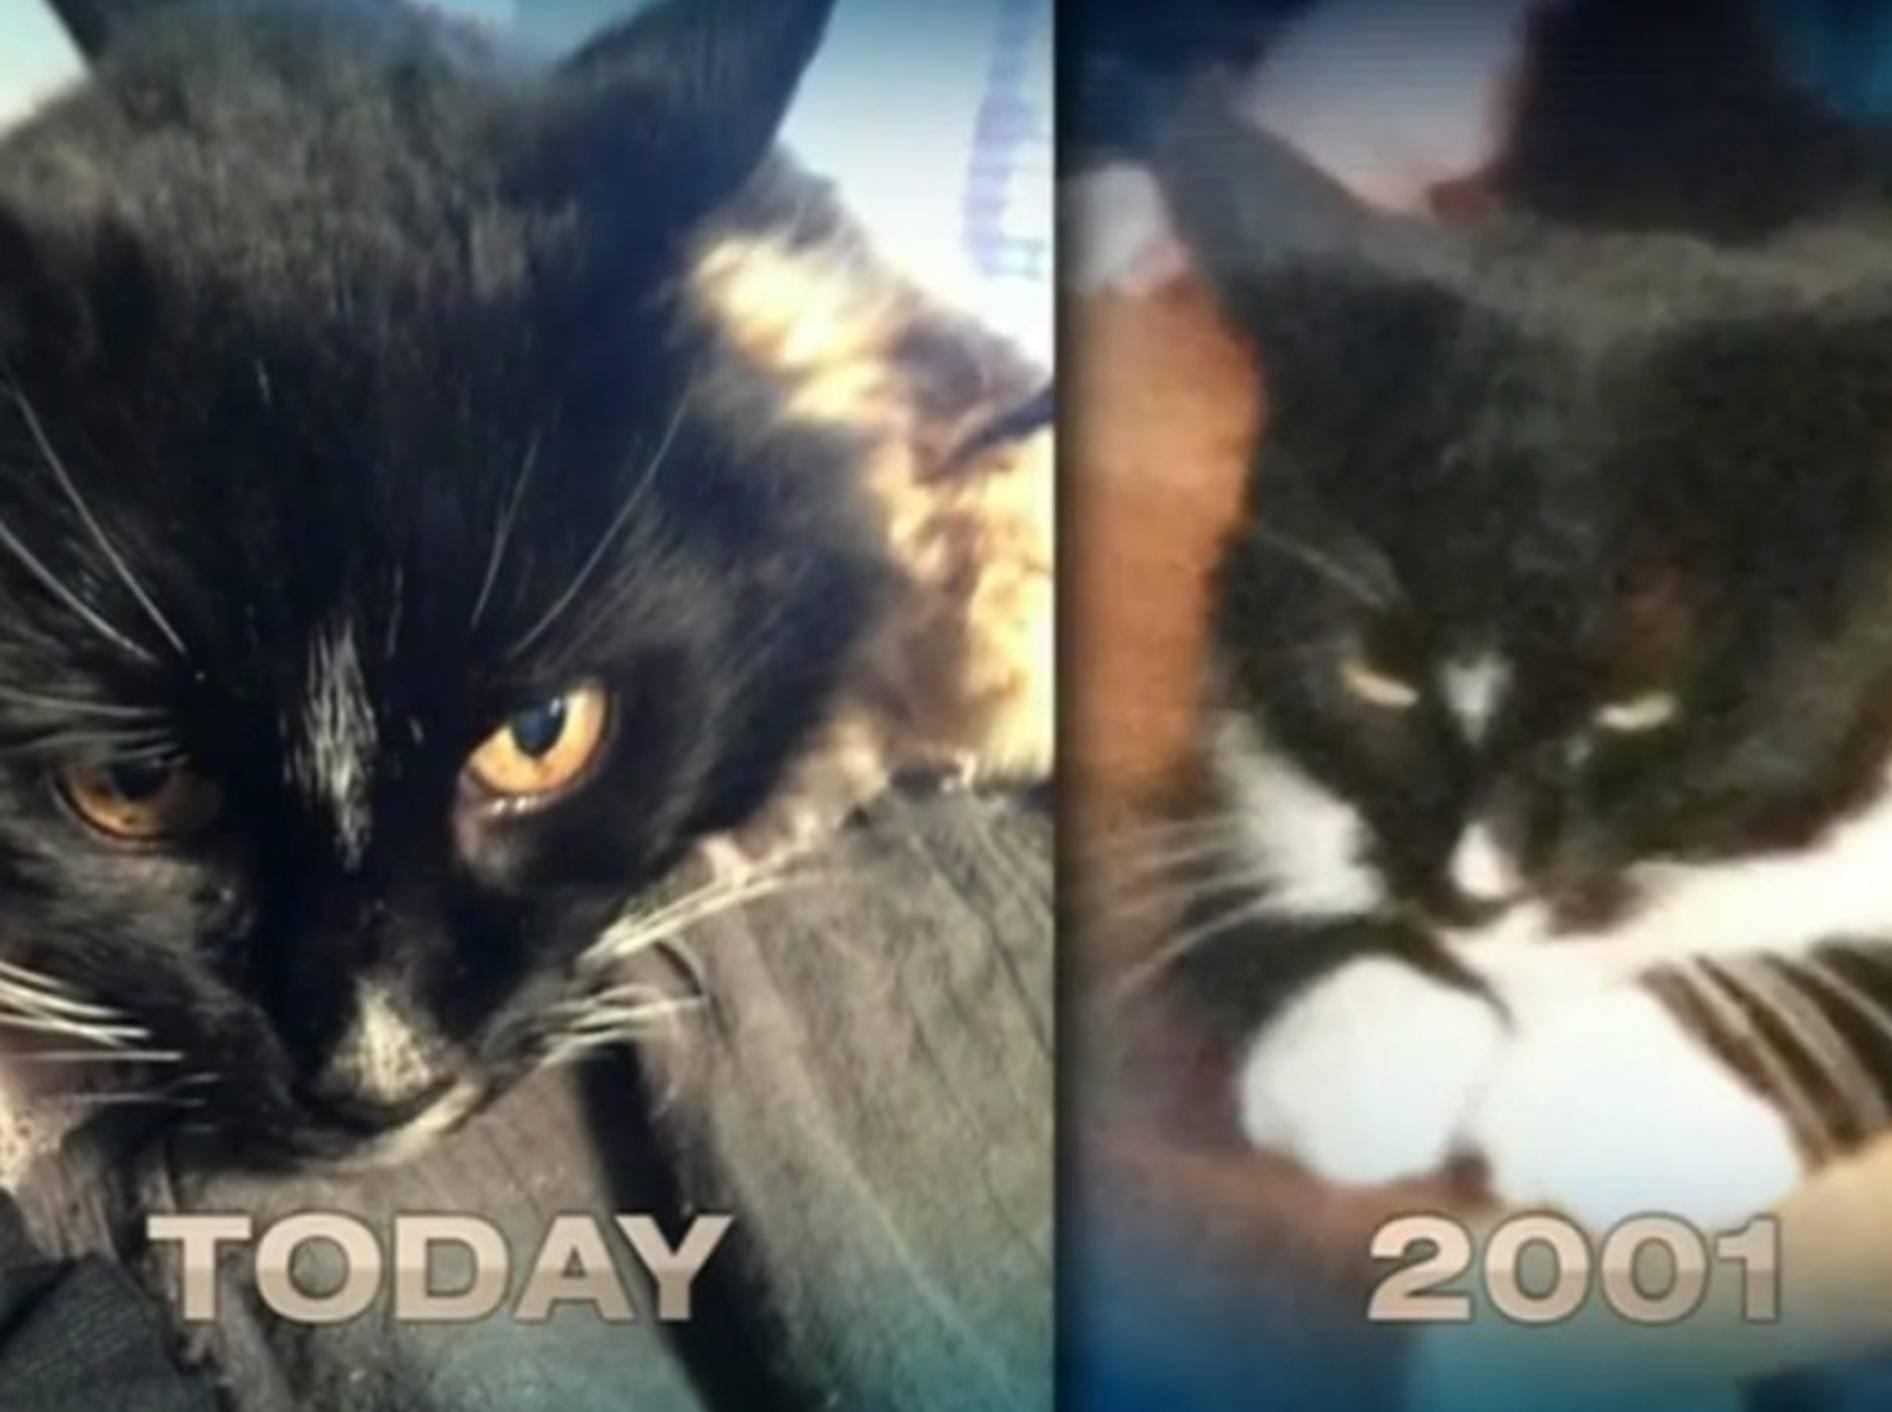 Verschwundene Katze: Heimkehr nach 13 Jahren – Bild: Youtube / 7NEWS